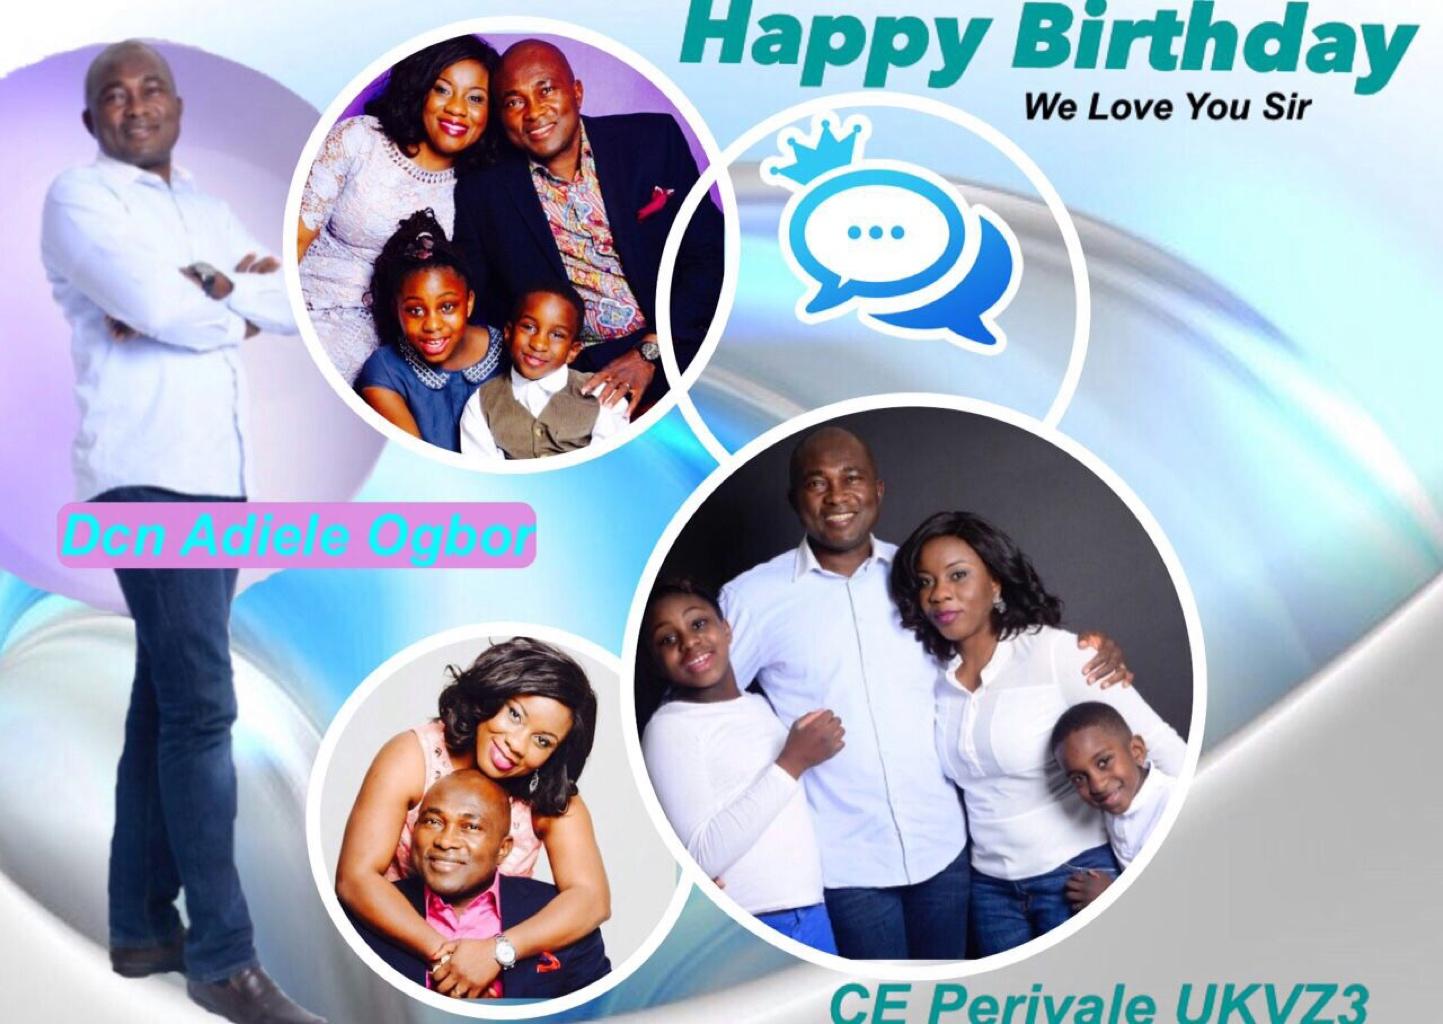 Happy birthday dear Dcn Adiele